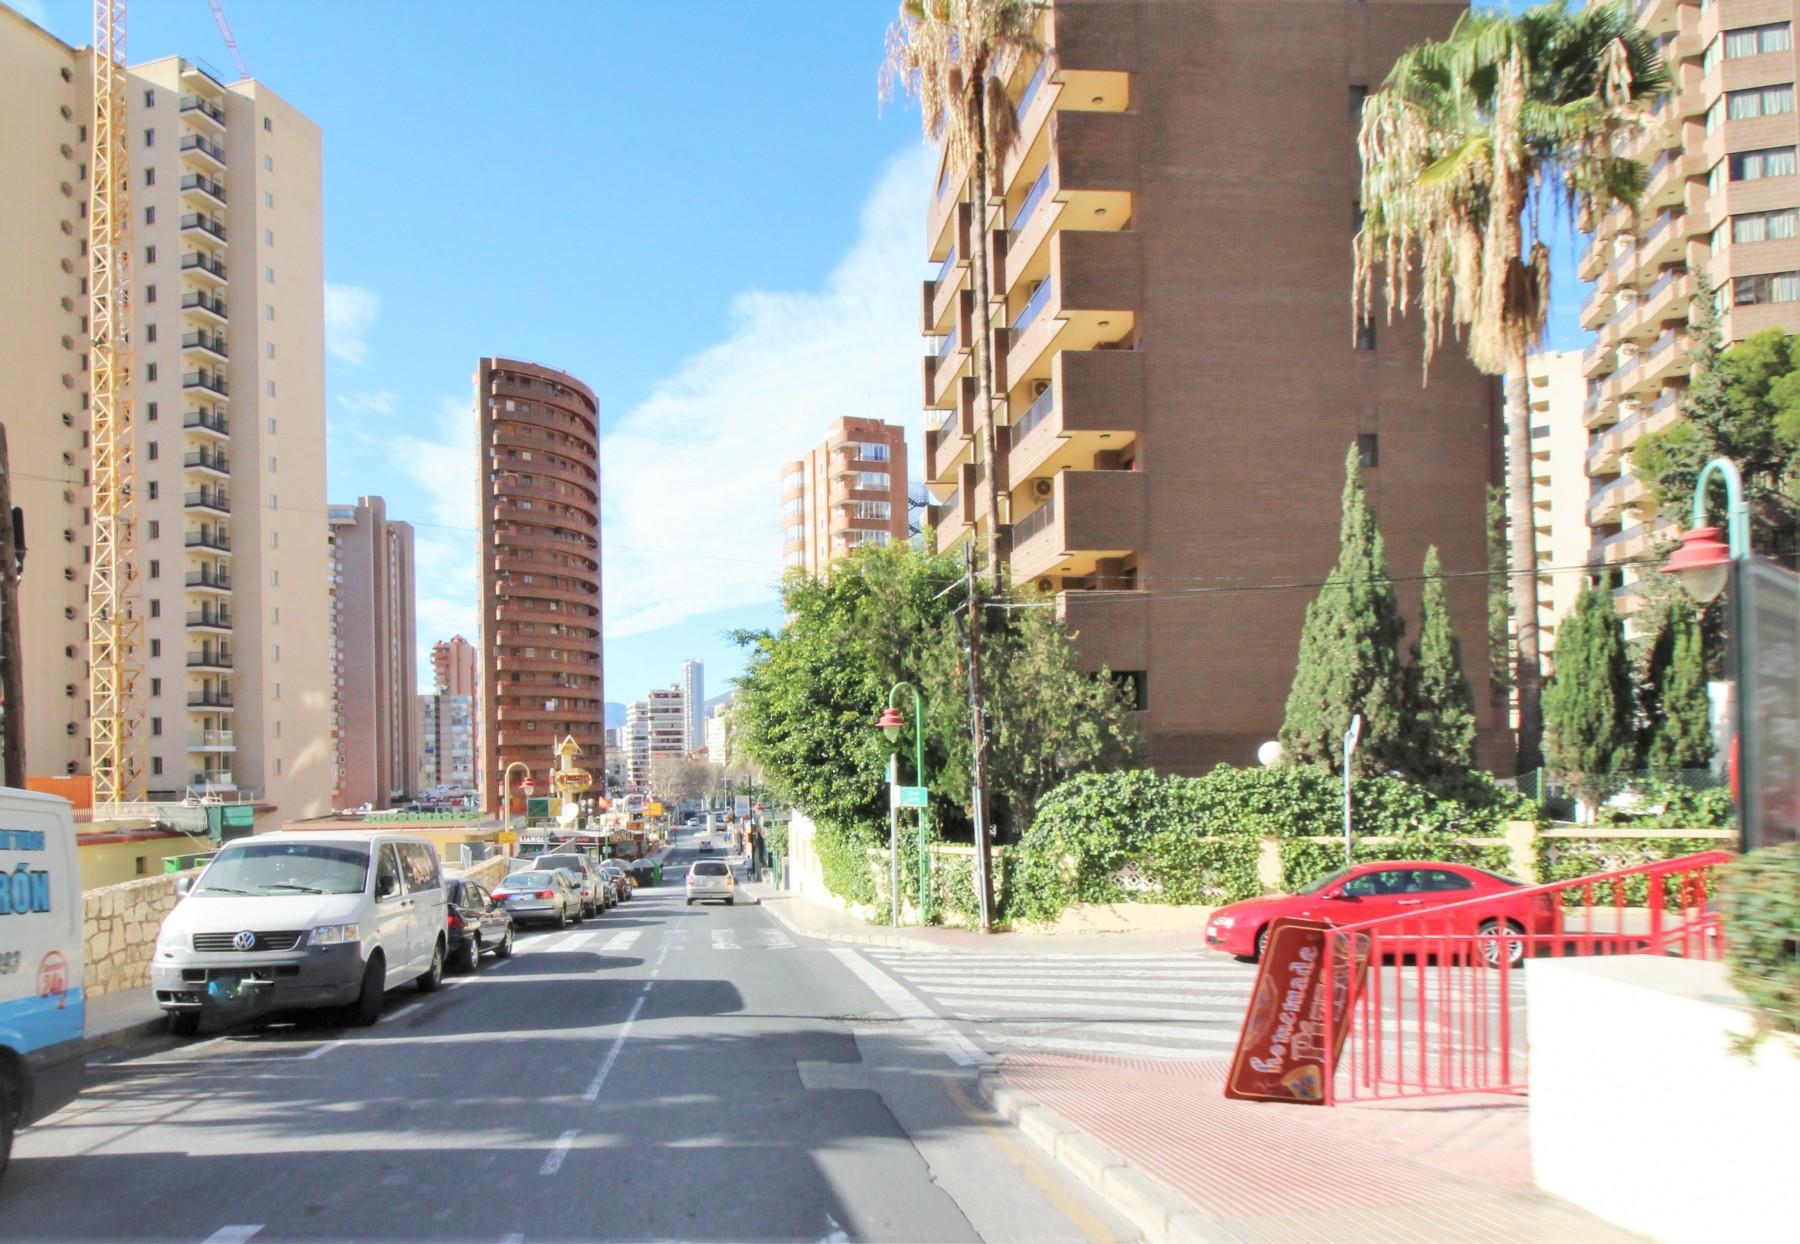 Apartamentos en benidorm mirador del mediterr neo 16 a for Mirador del mediterraneo